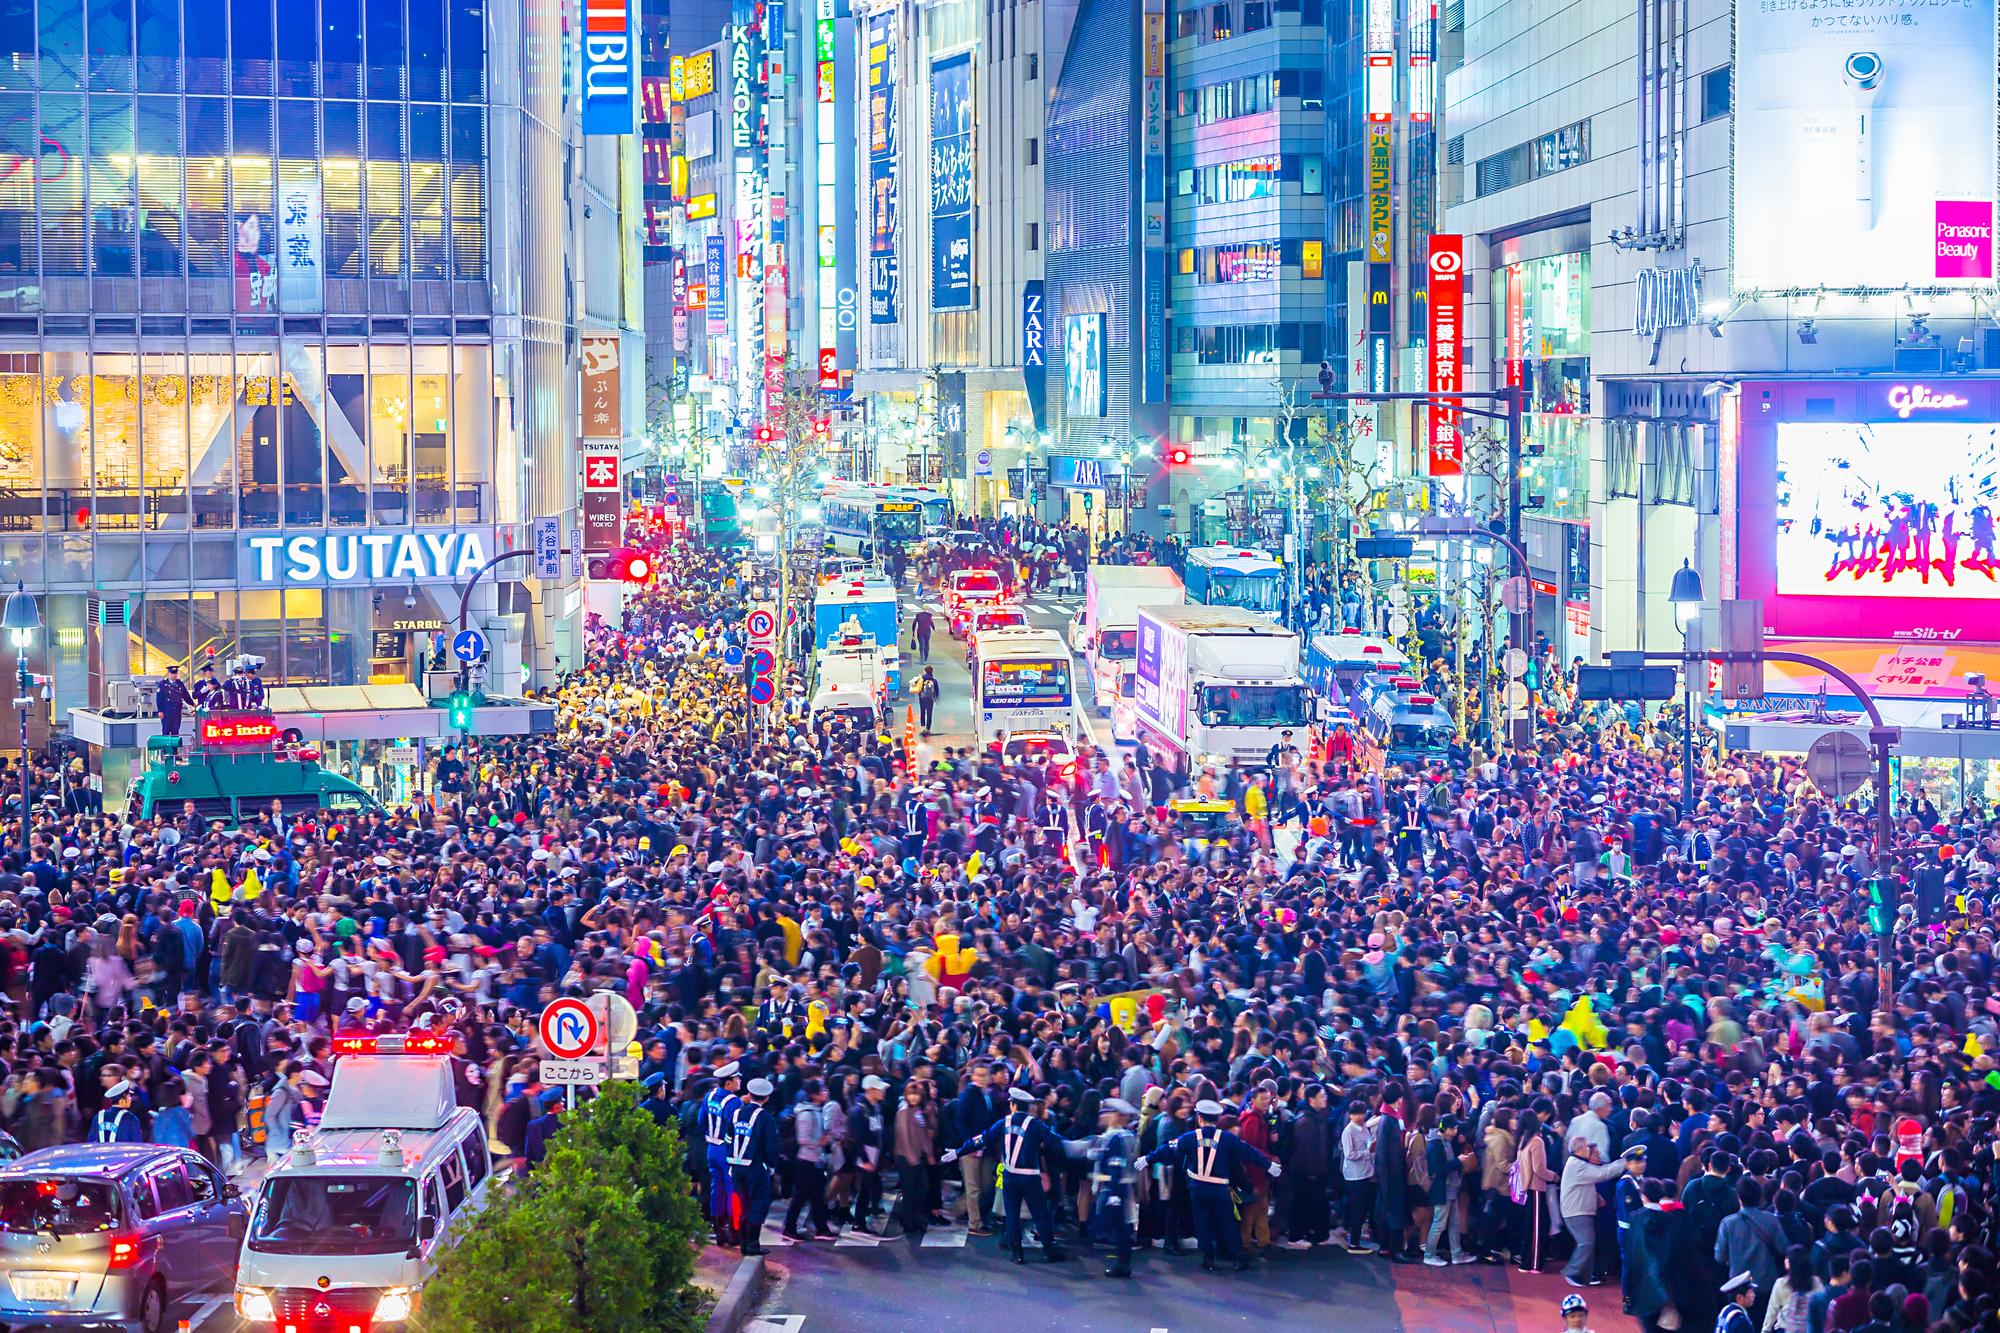 渋谷スクランブル交差点ライブカメラ一覧